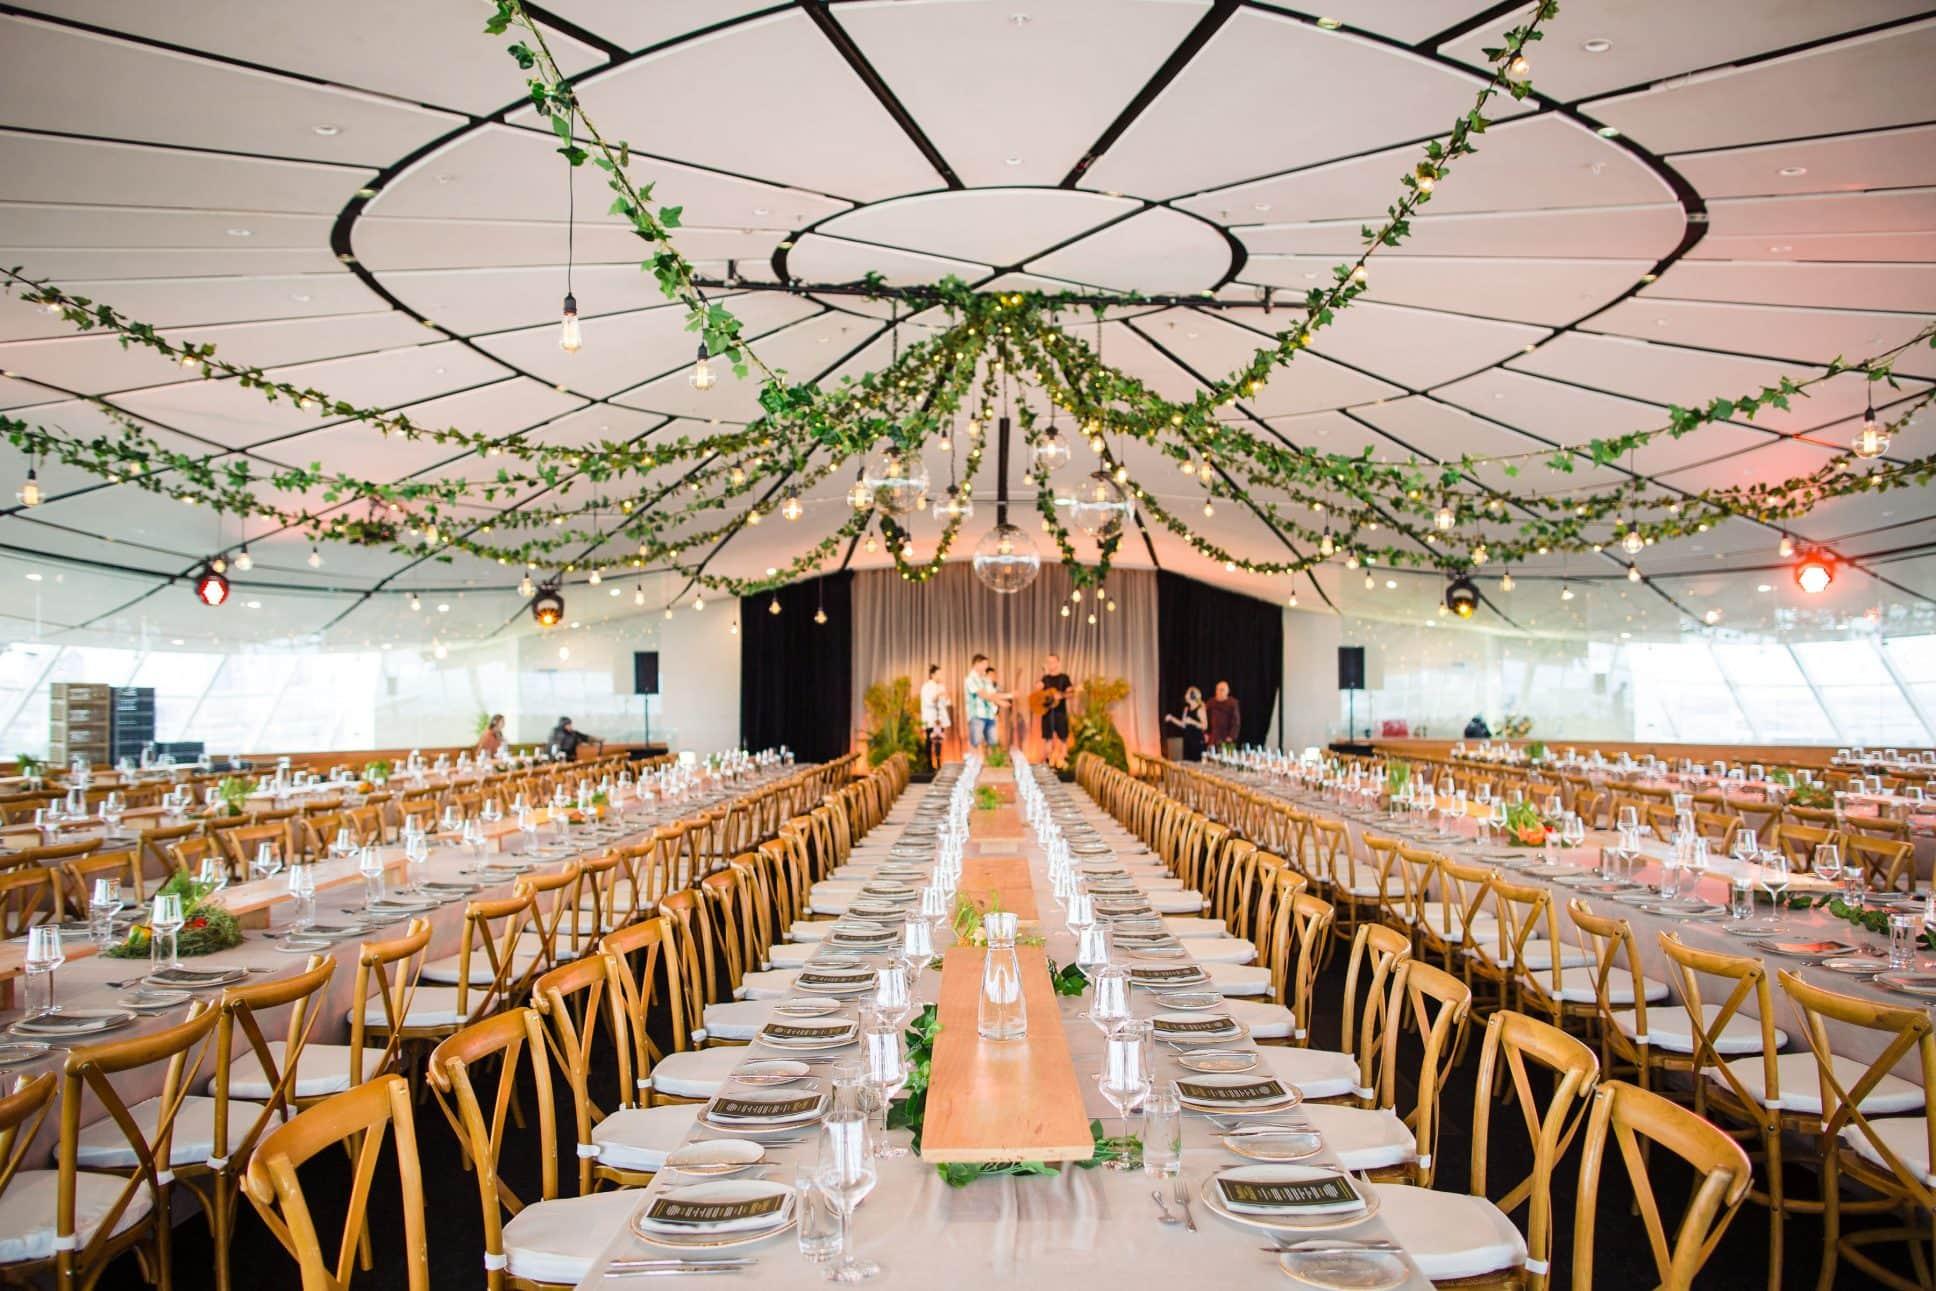 Gala-dinner event at Auckland War Memorial Museum.